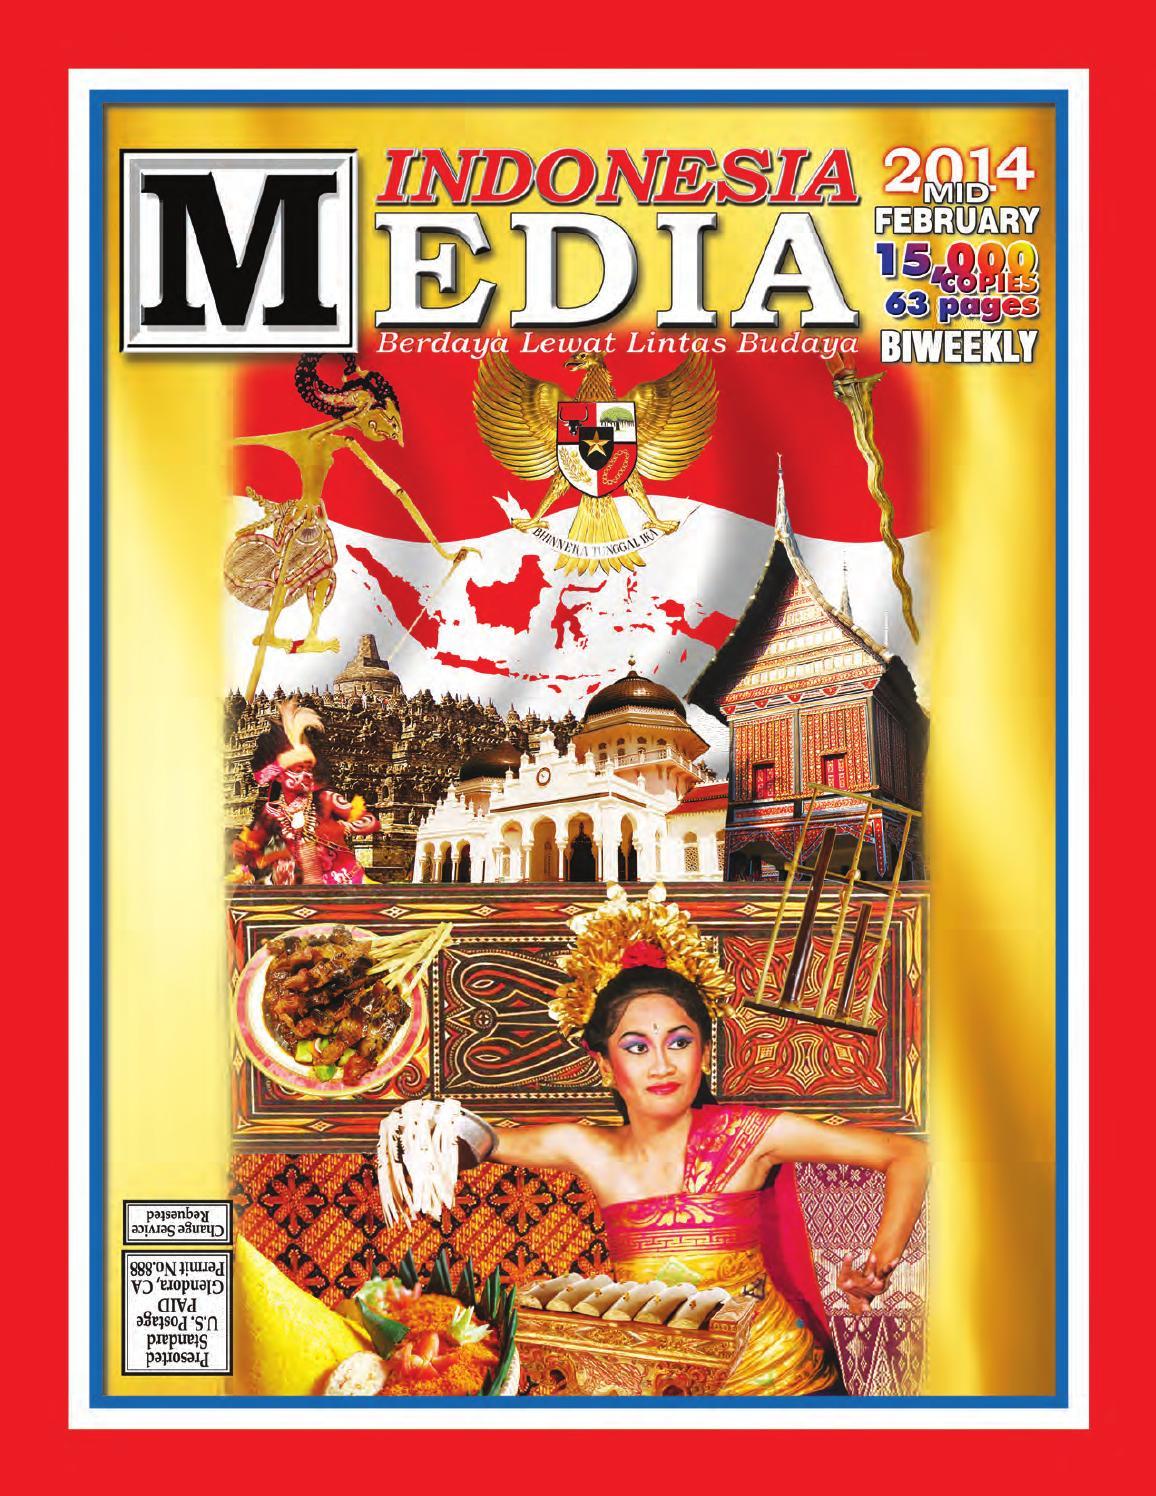 Indonesia Media Mid February Issue 2014 By Issuu Produk Ukm Bumn Barbekyu Kelitik Surabaya